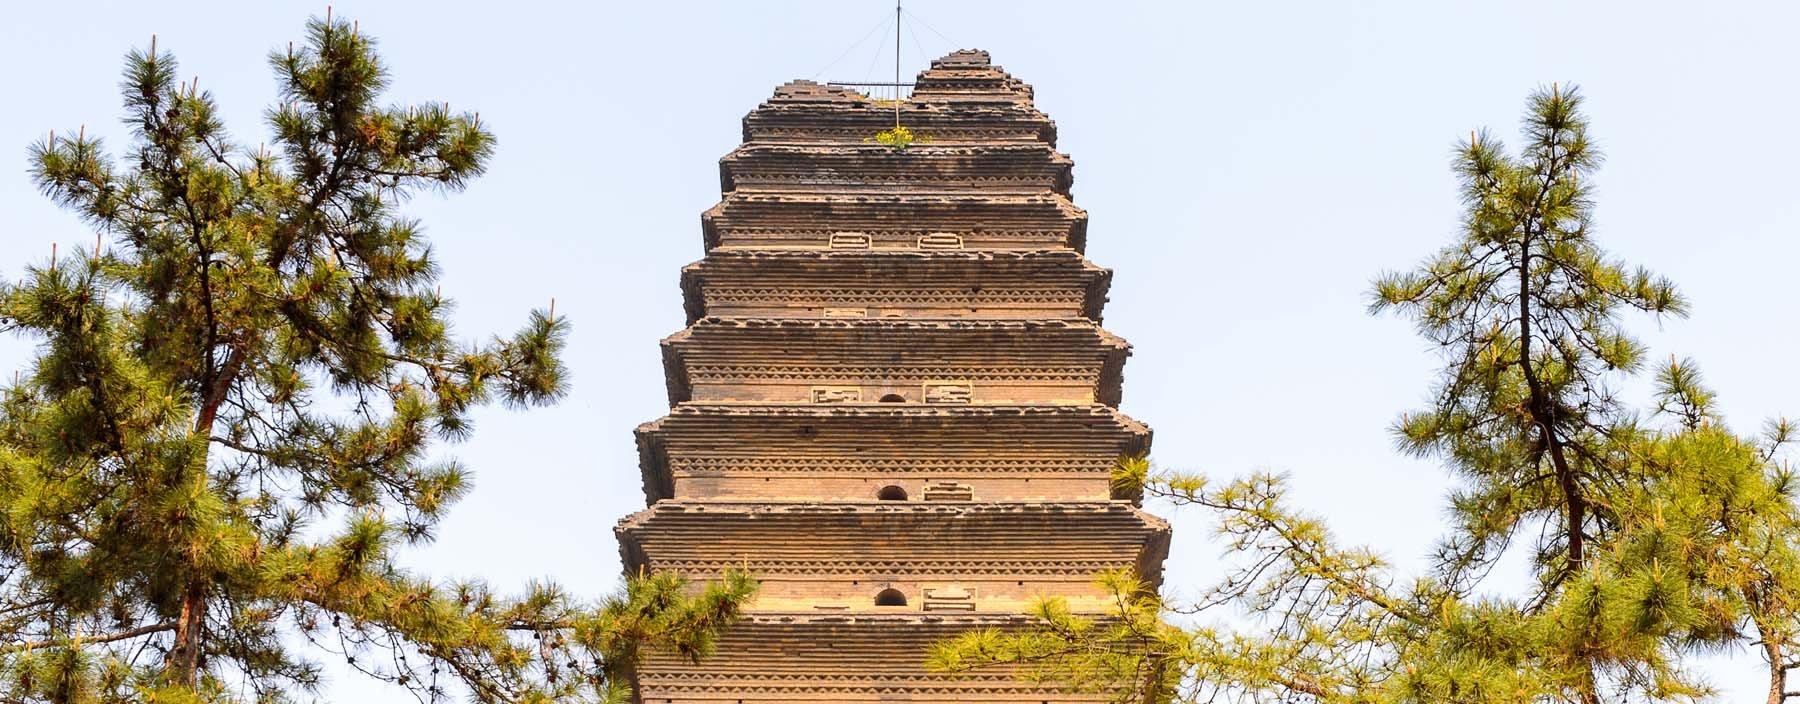 cn, xi'an, kleine gans pagode.jpg